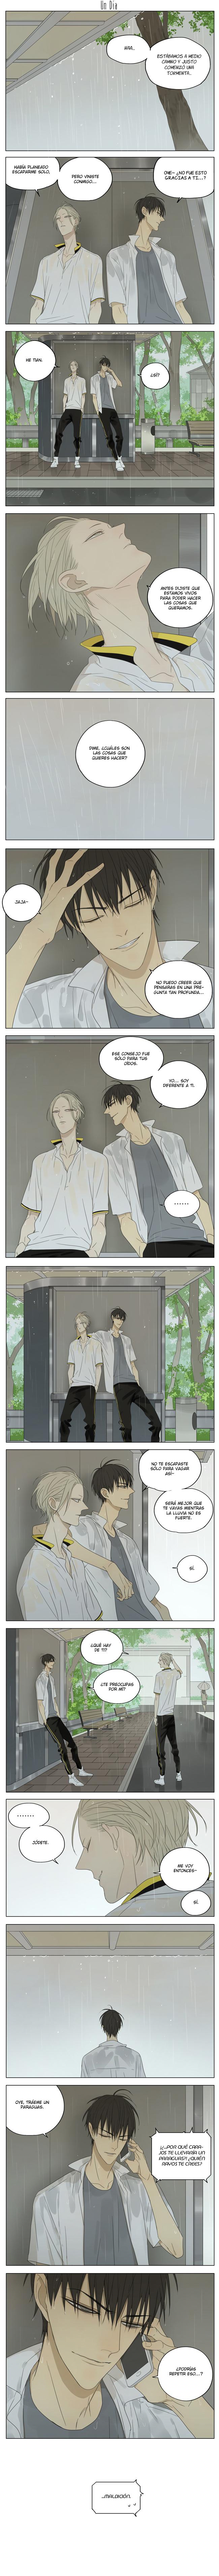 http://c5.ninemanga.com/es_manga/7/15943/435308/f9185e6f4e26bb03bb309a5622fbb45e.jpg Page 4